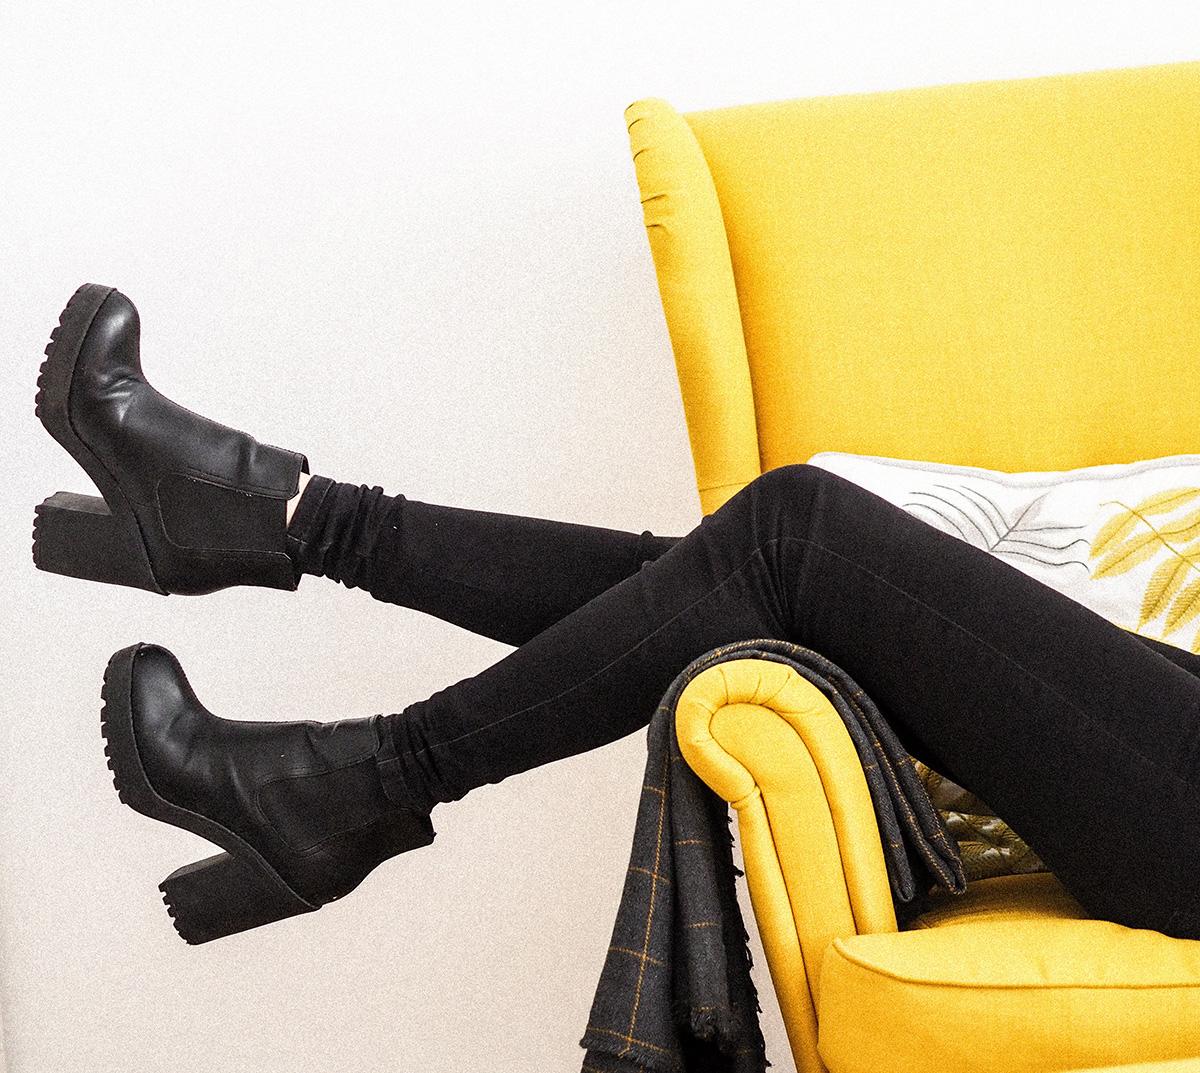 イエローソファと黒パンツ&ブーツの人